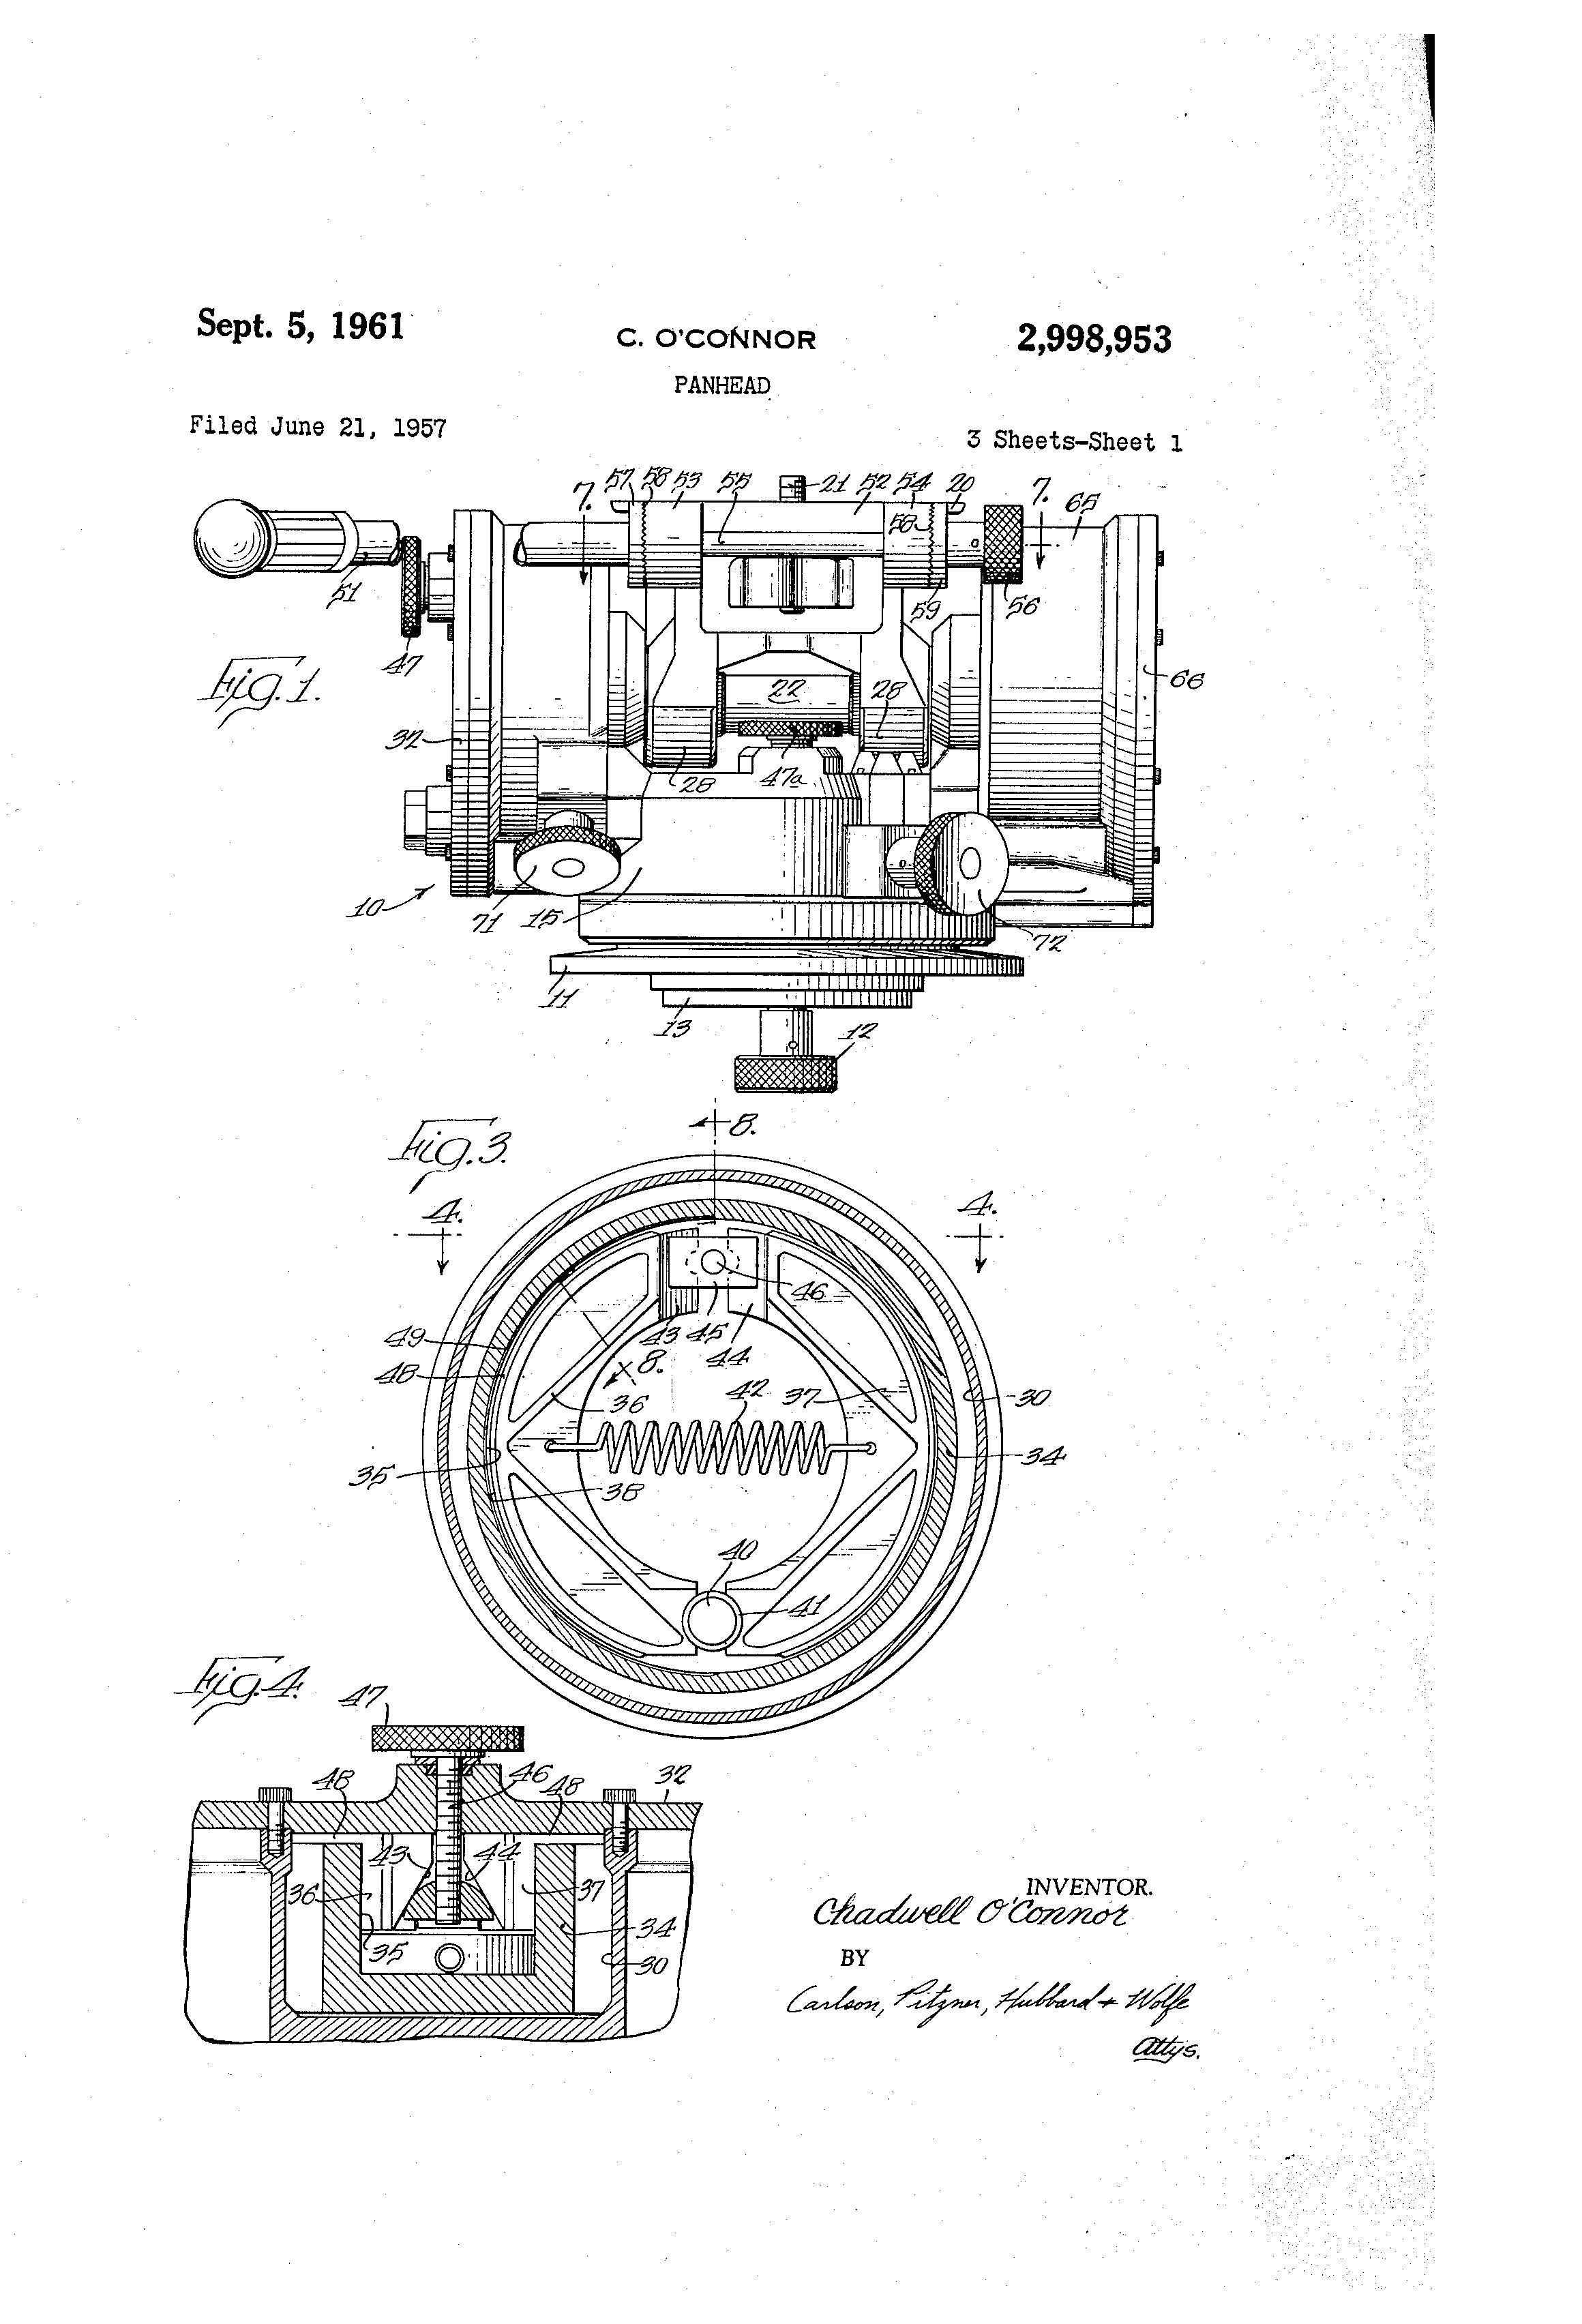 Transit Engine Diagram Image Result for Harley Knucklehead Art Engine Art Of Transit Engine Diagram